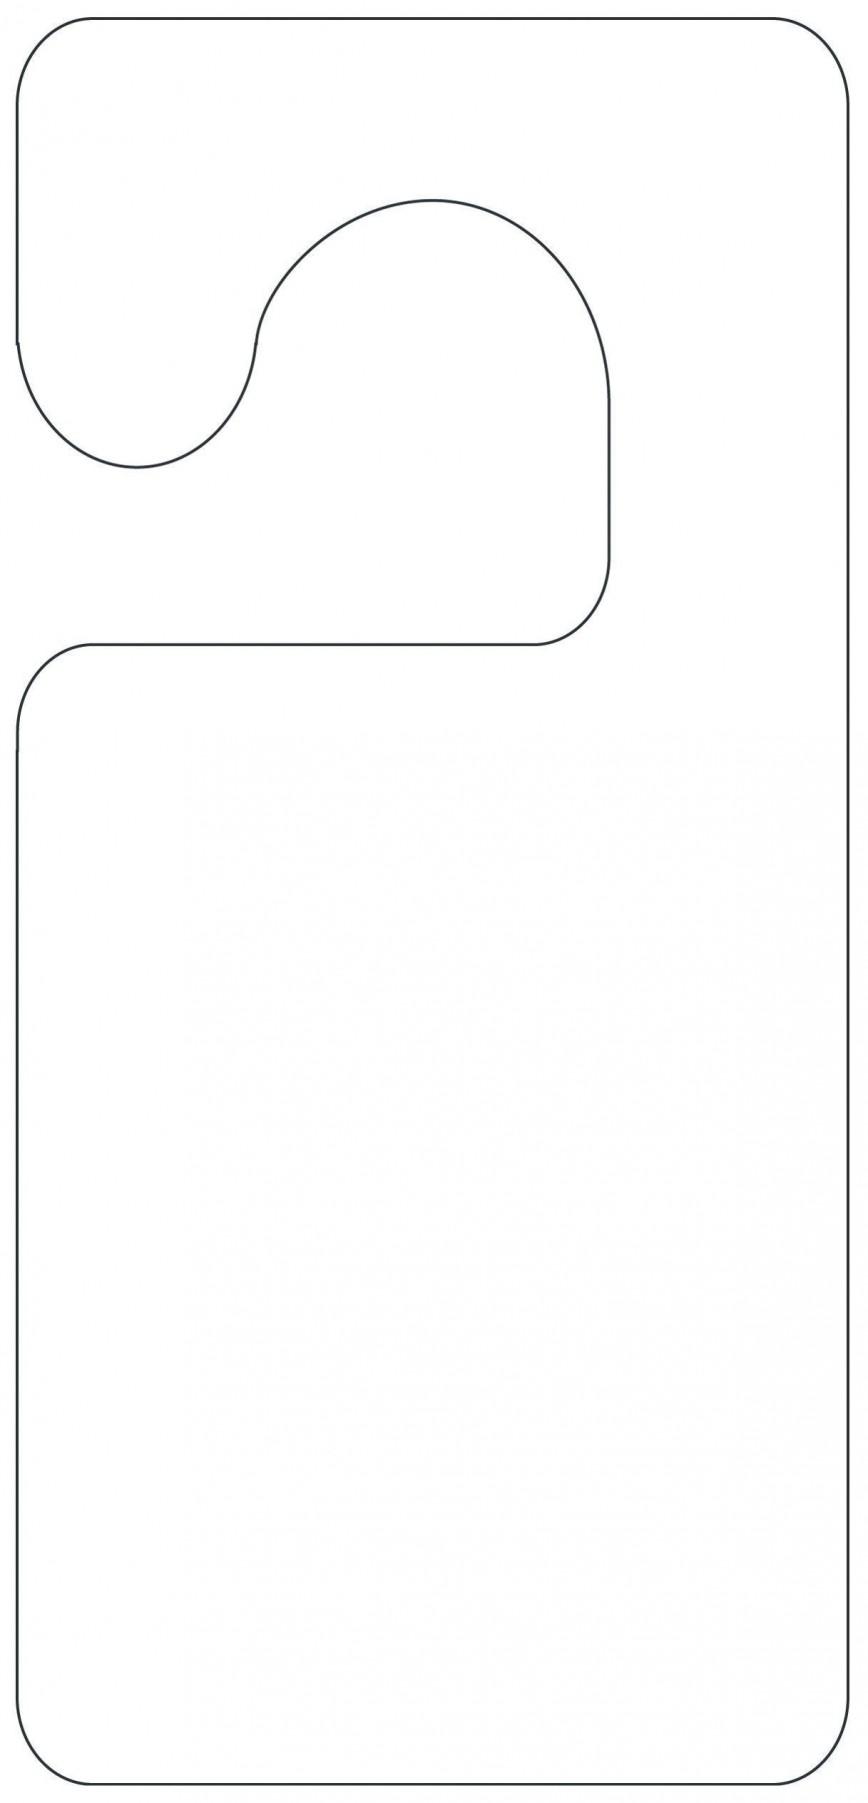 004 Unforgettable Blank Door Hanger Template Free Example 868